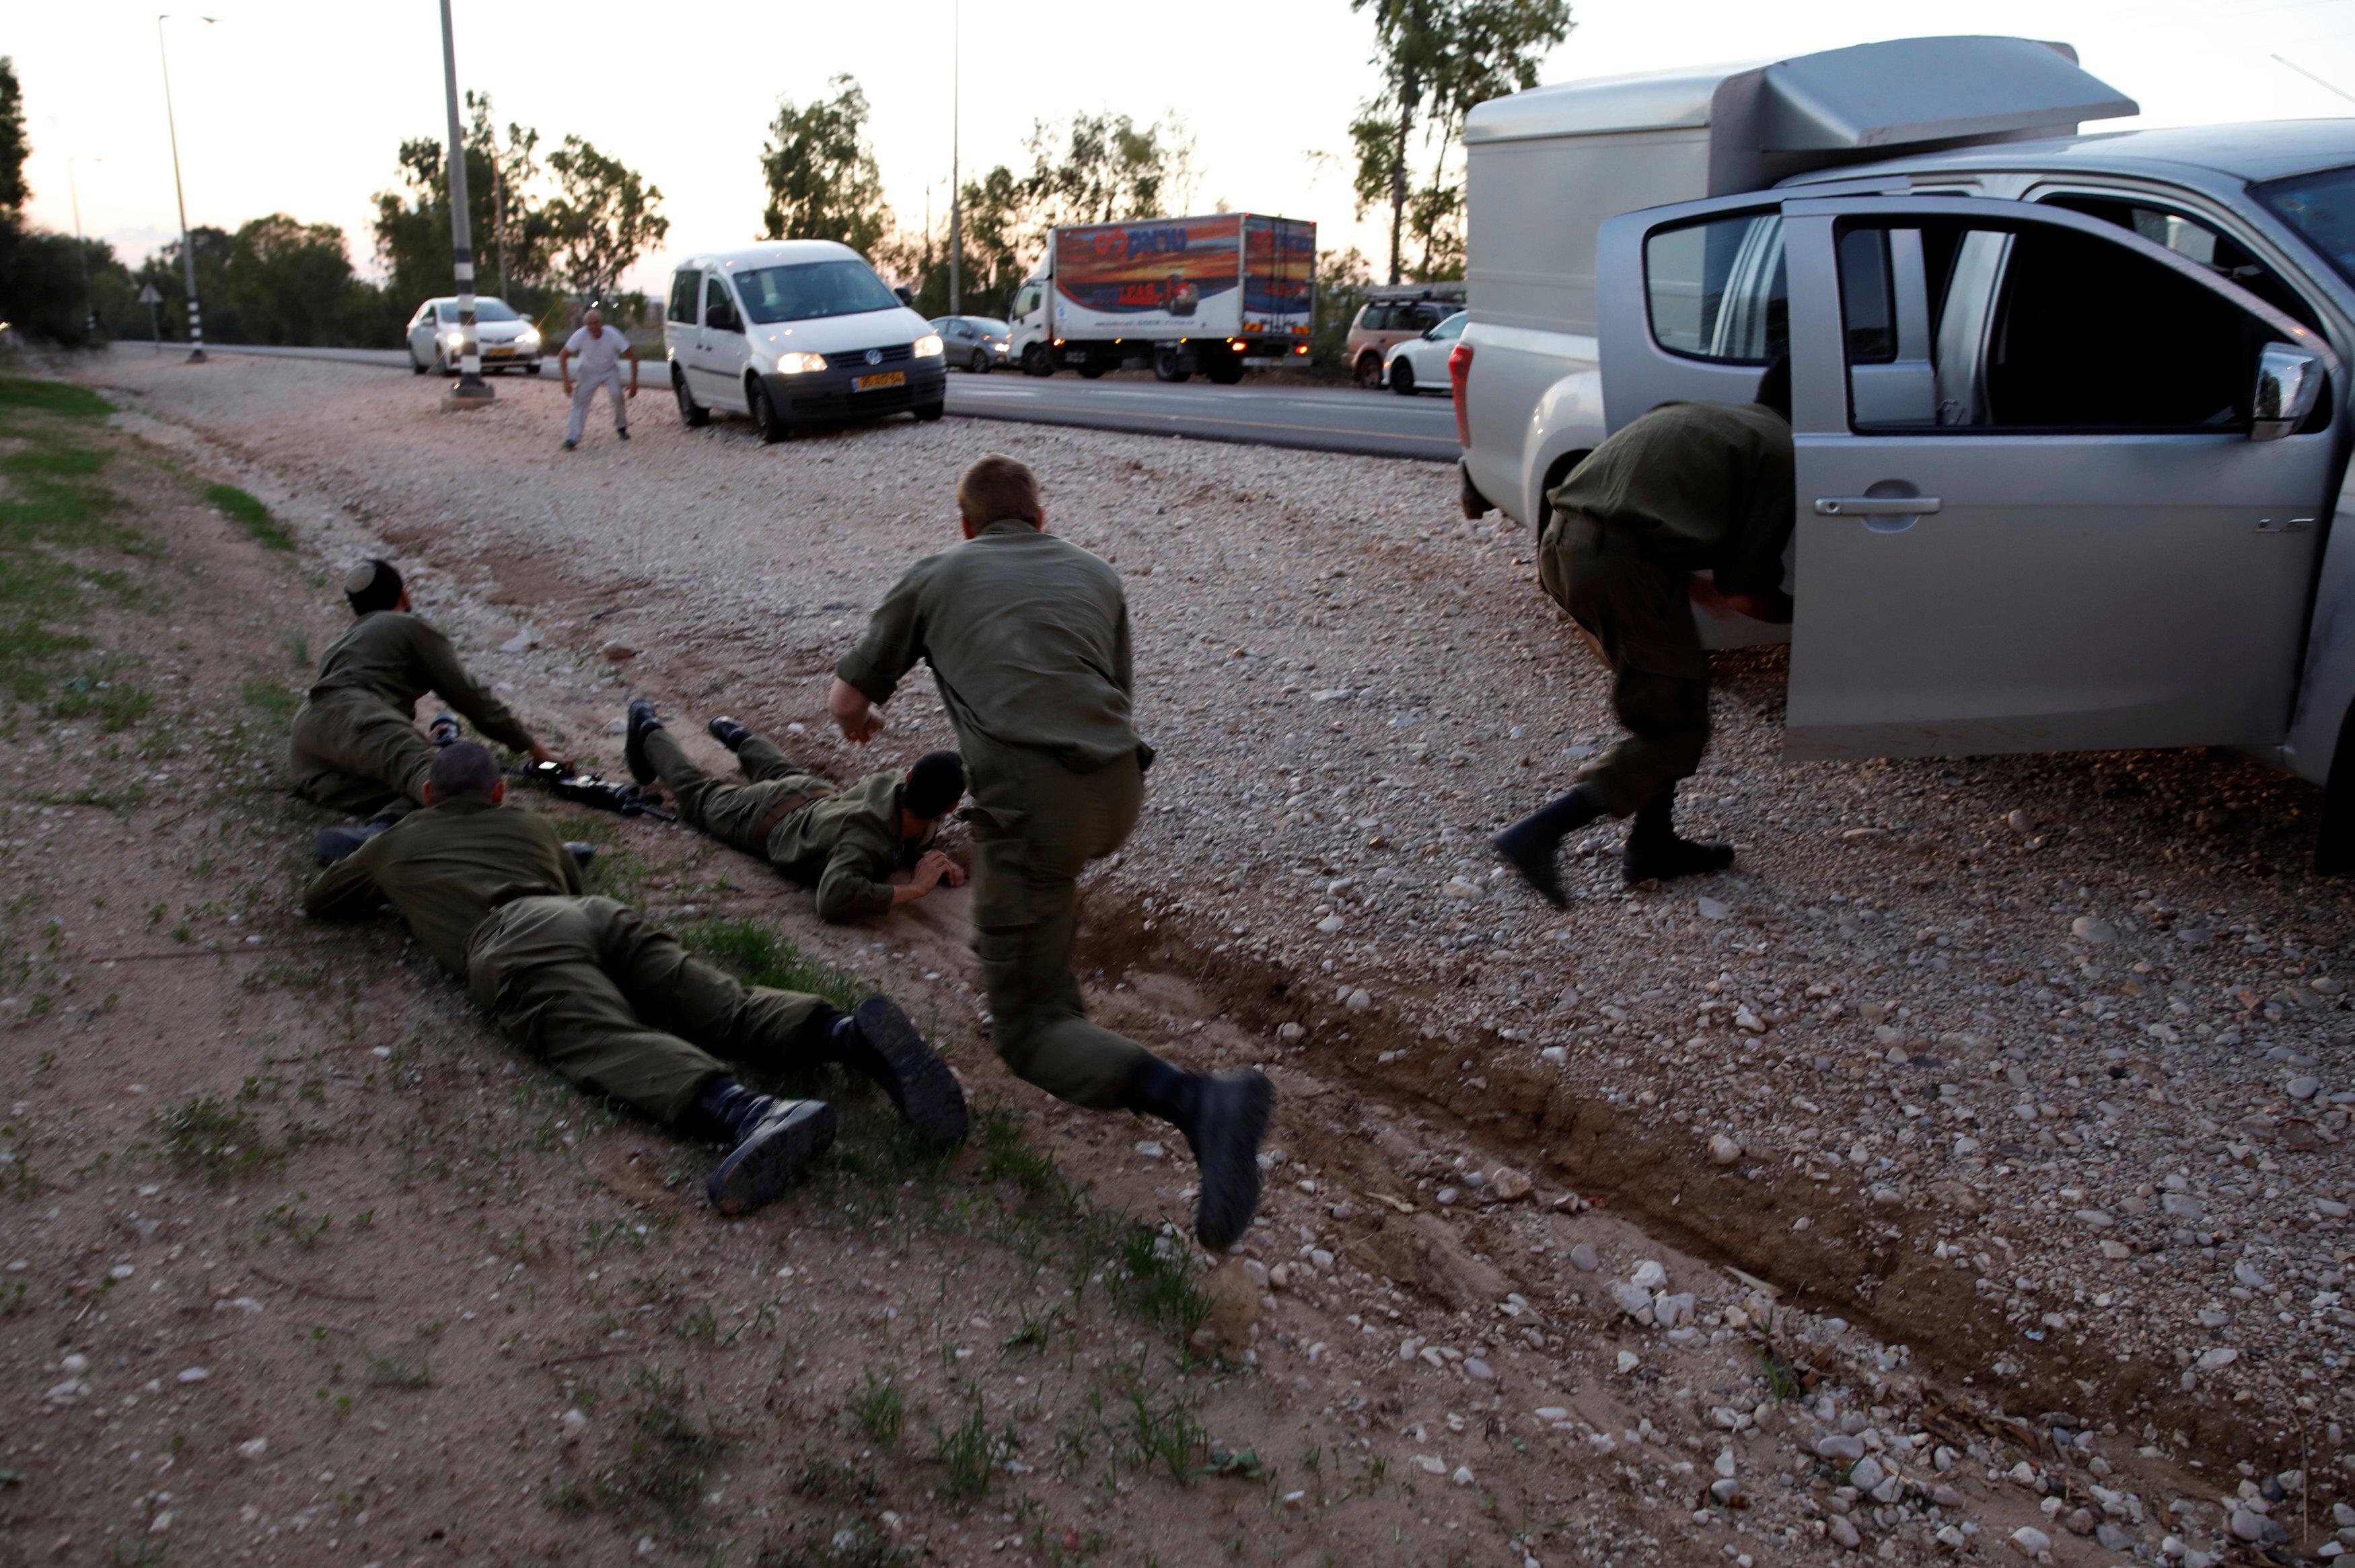 İsrail'in Gazze sınırına yakın bölgelerinde siren sesleri çaldı. Korku içinde yere yattılar.